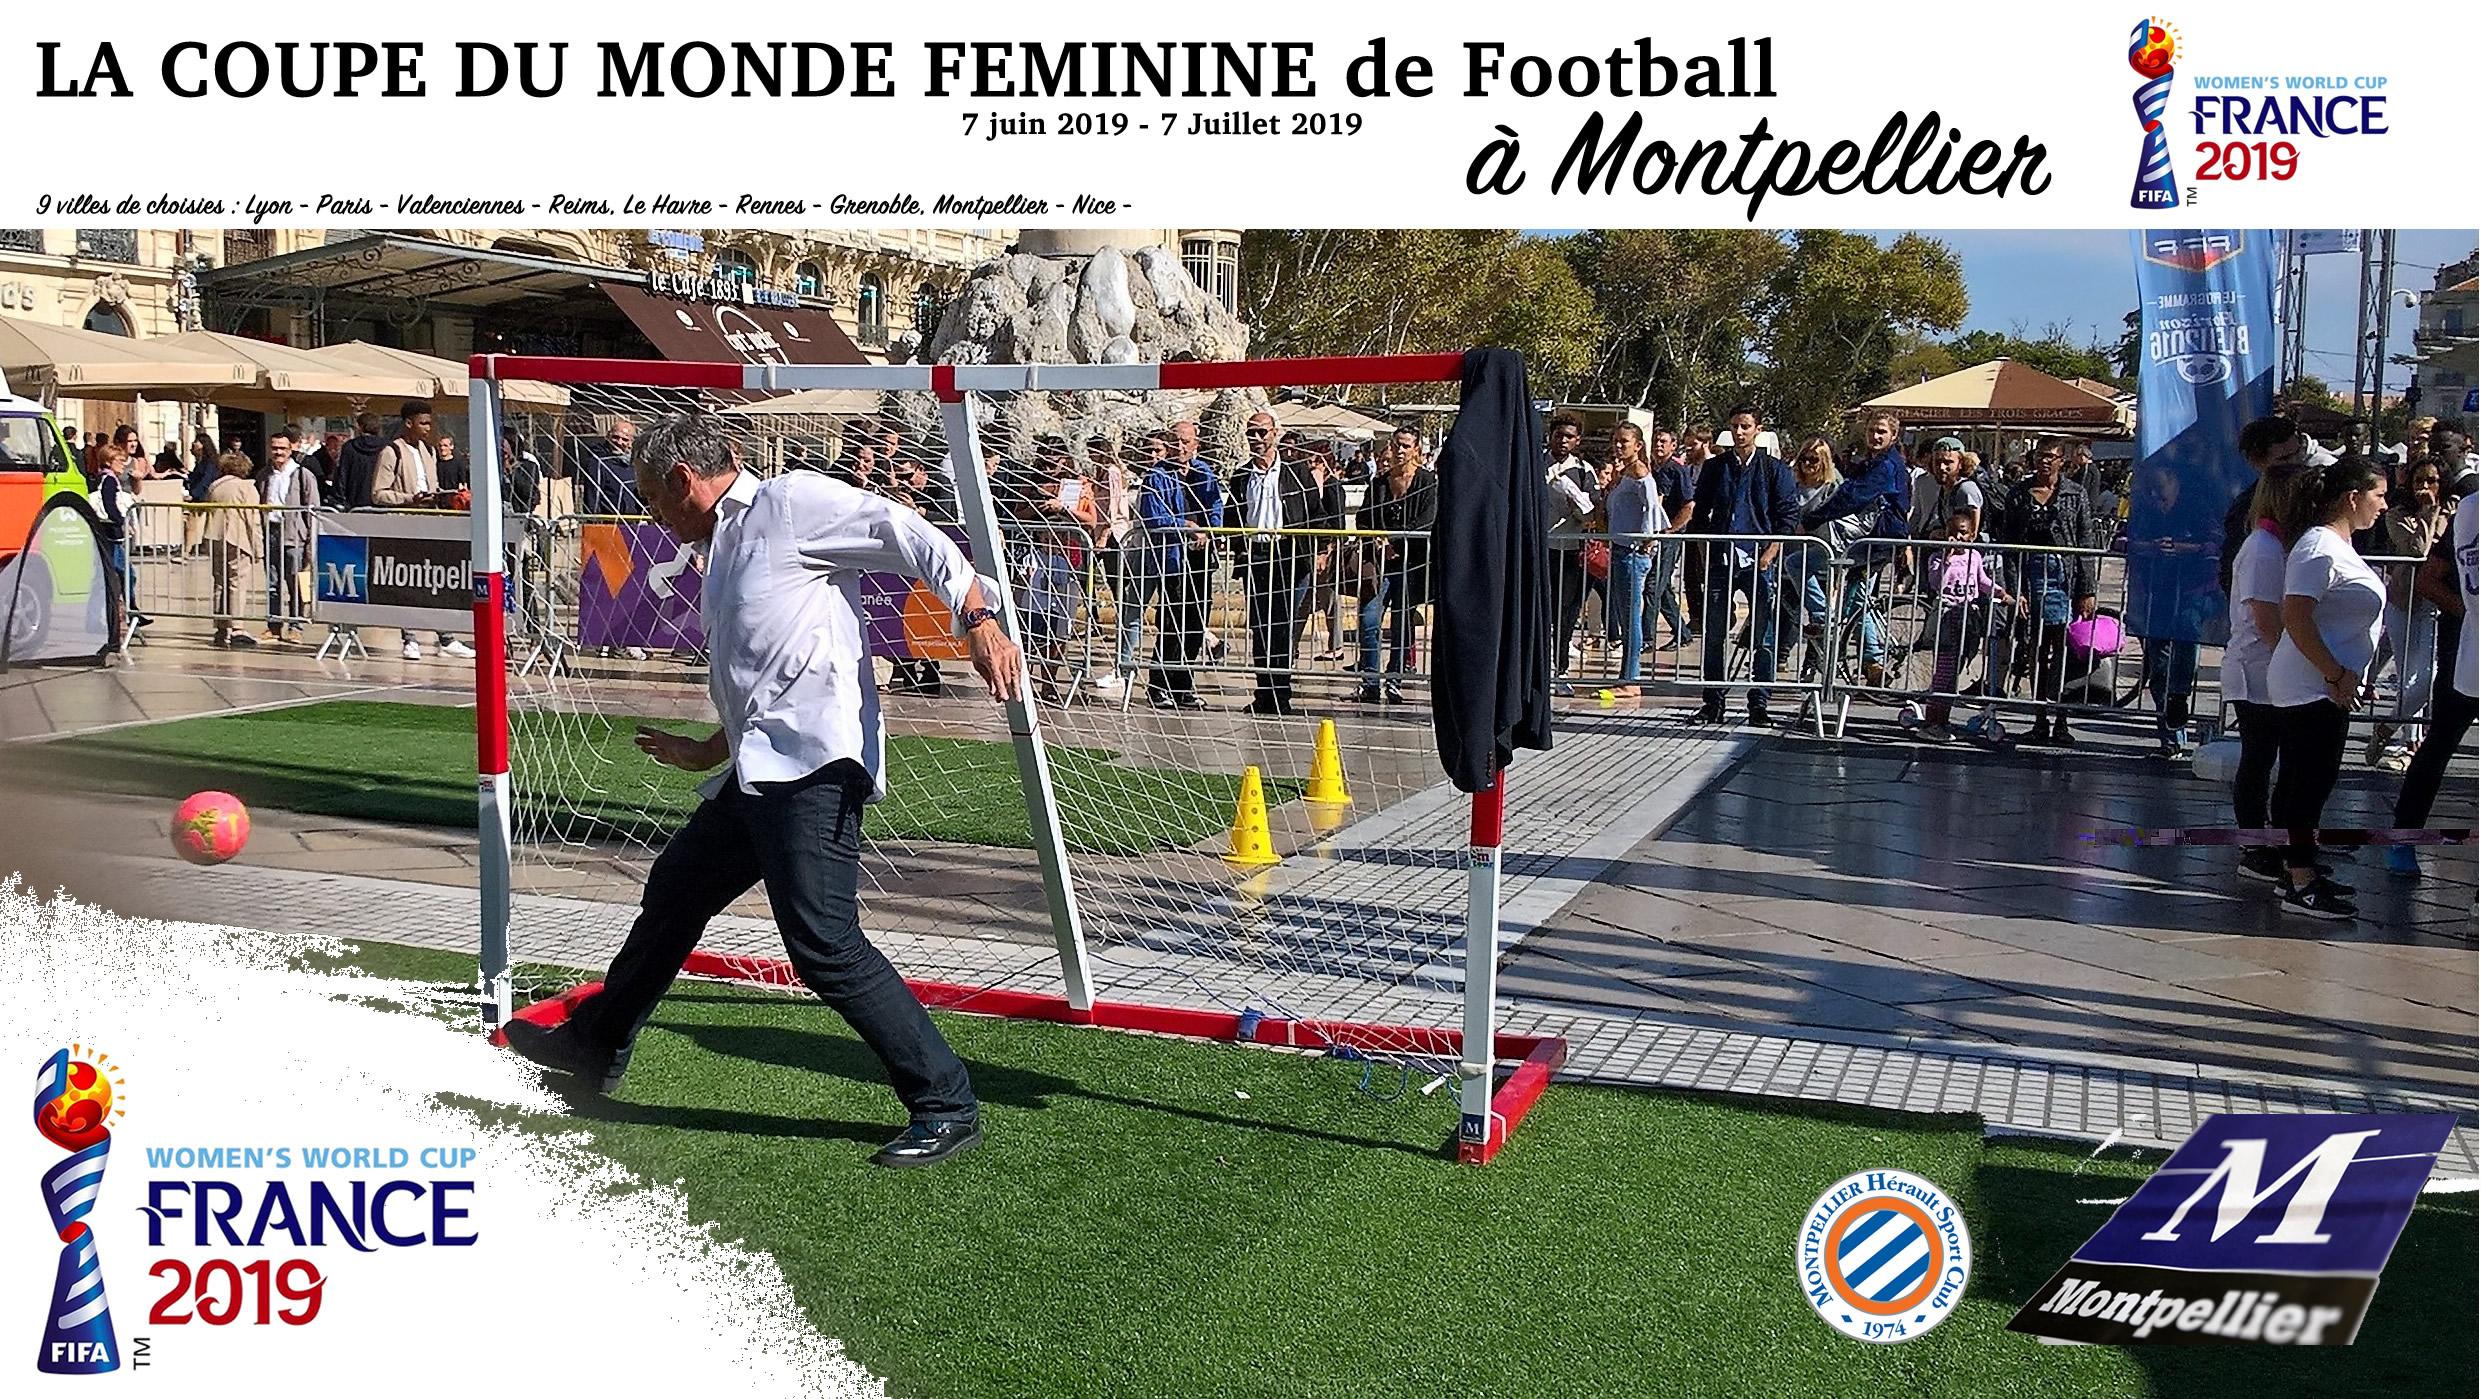 """Le Maire de Montpellier, Philippe Saurel, en pleine démonstration face aux jeunes joueuses de Montpellier. """"Le moment de briller"""". Crédit JL Morin. Lesfeminines.fr"""